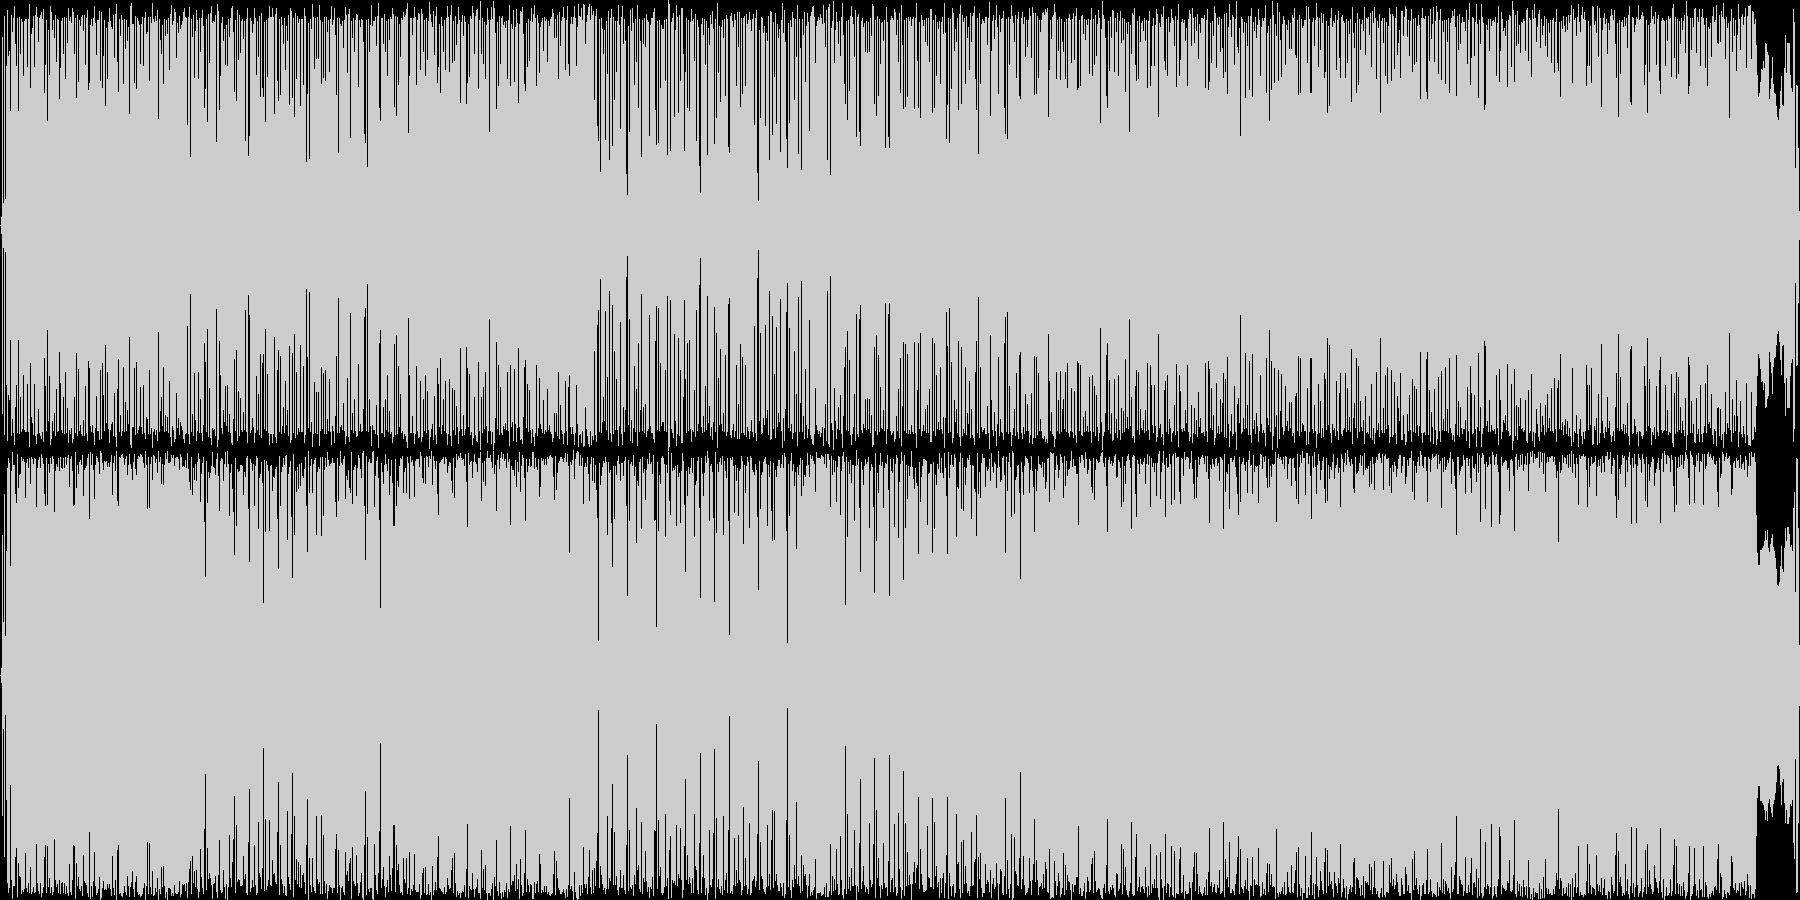 怪しげなインダストリアル風の未再生の波形